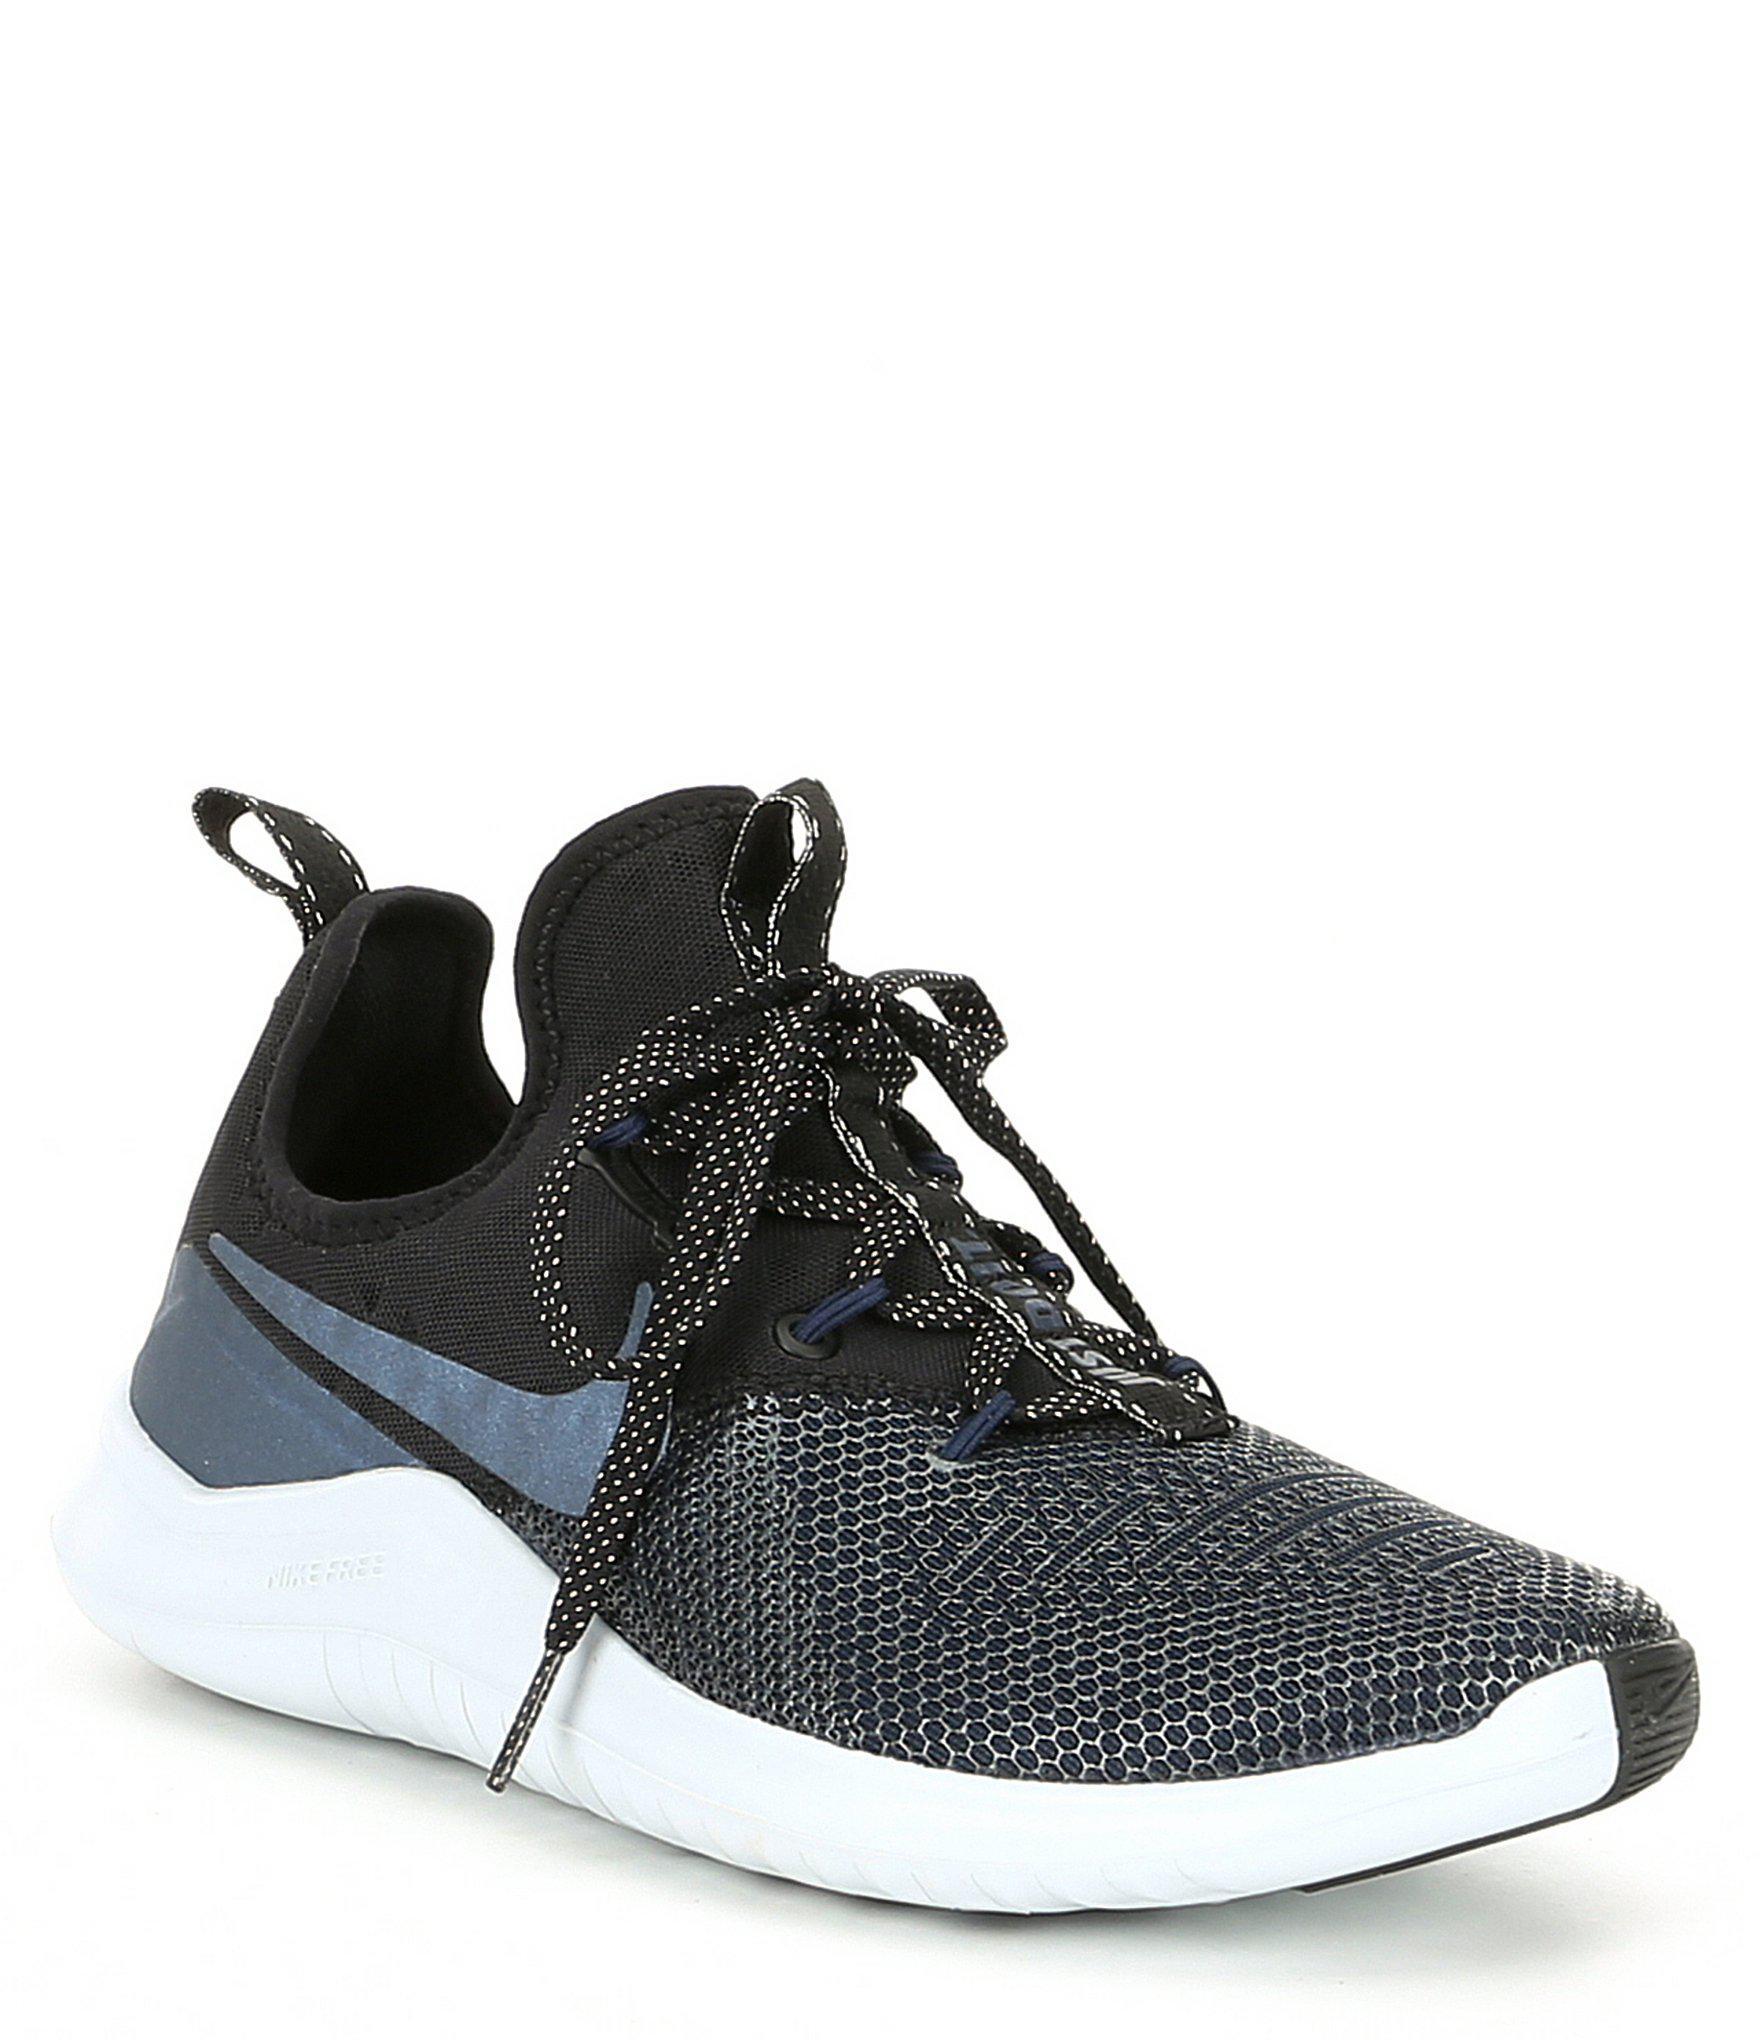 1b9a3619ea651d Lyst - Nike Women s Free Tr 8 Metallic Training Shoe in Black